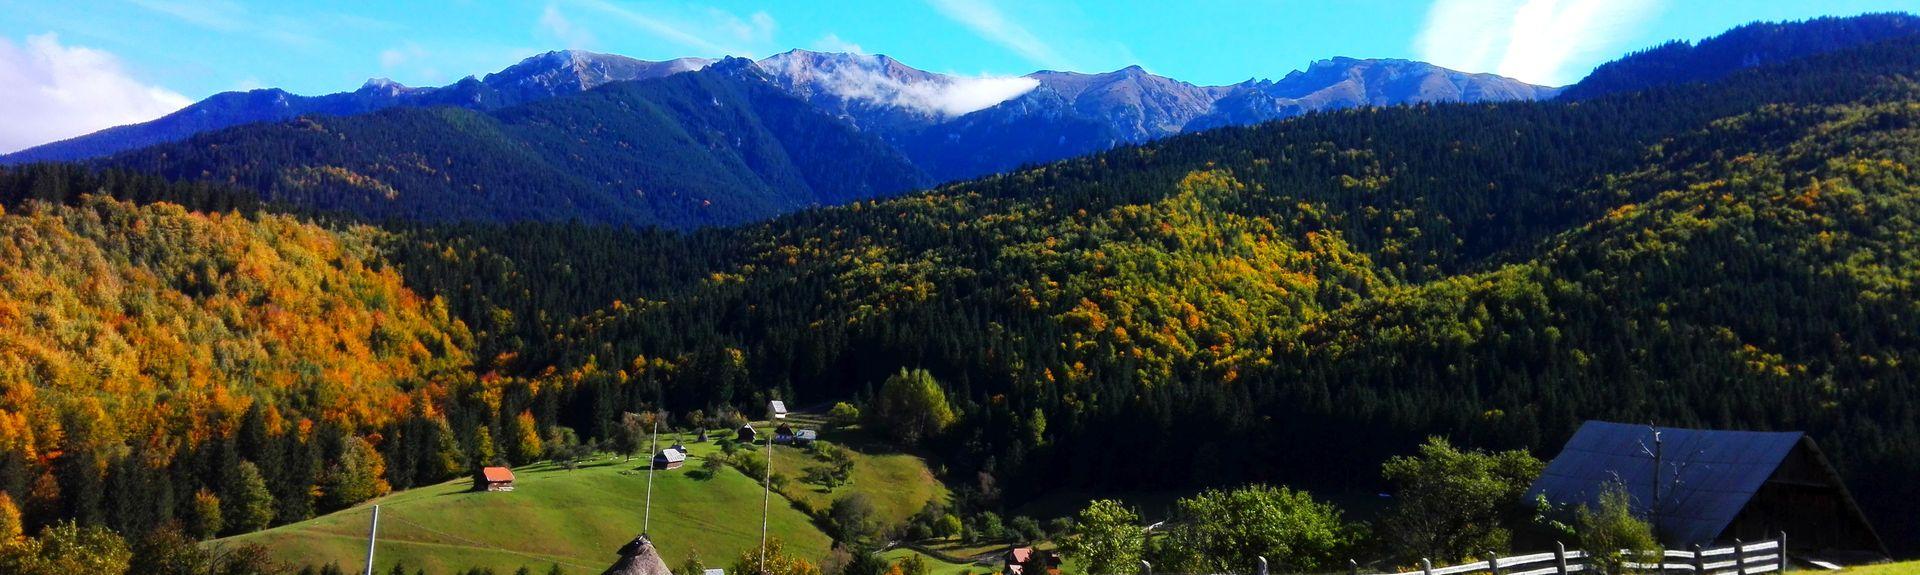 Brașov County, Romania